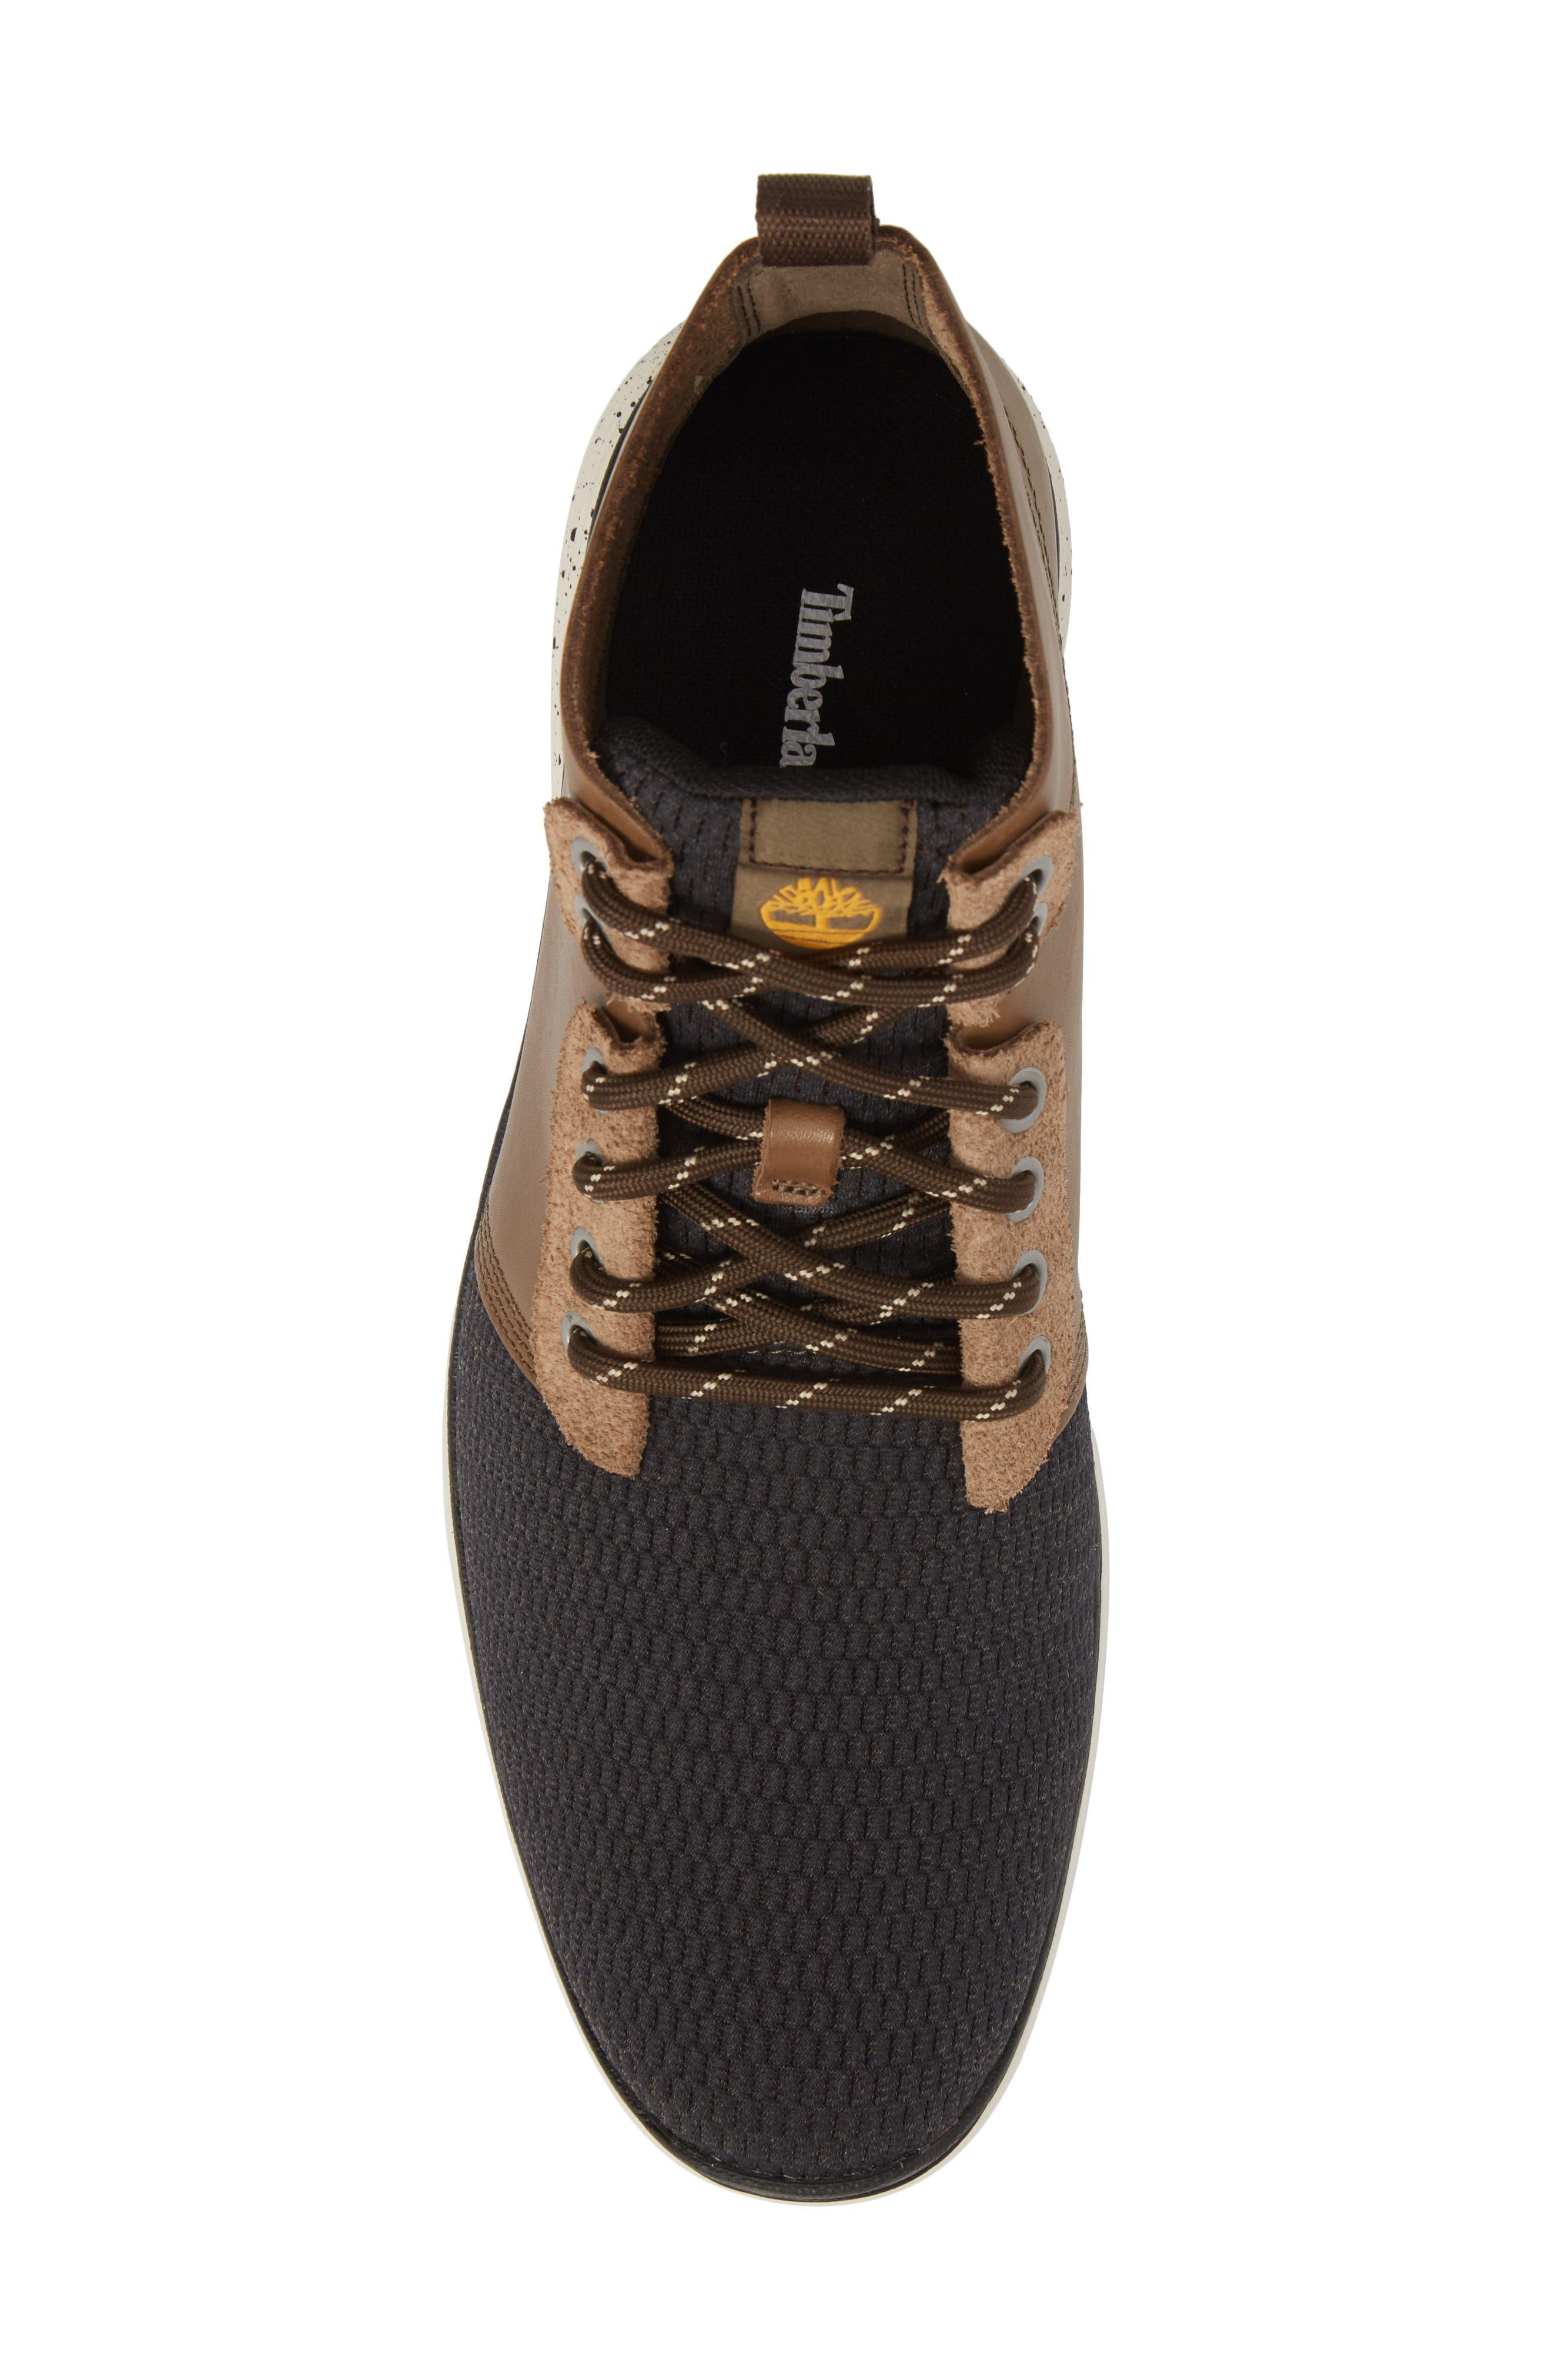 Killington Plain Toe Boot,                             Alternate thumbnail 5, color,                             Buckskin Leather